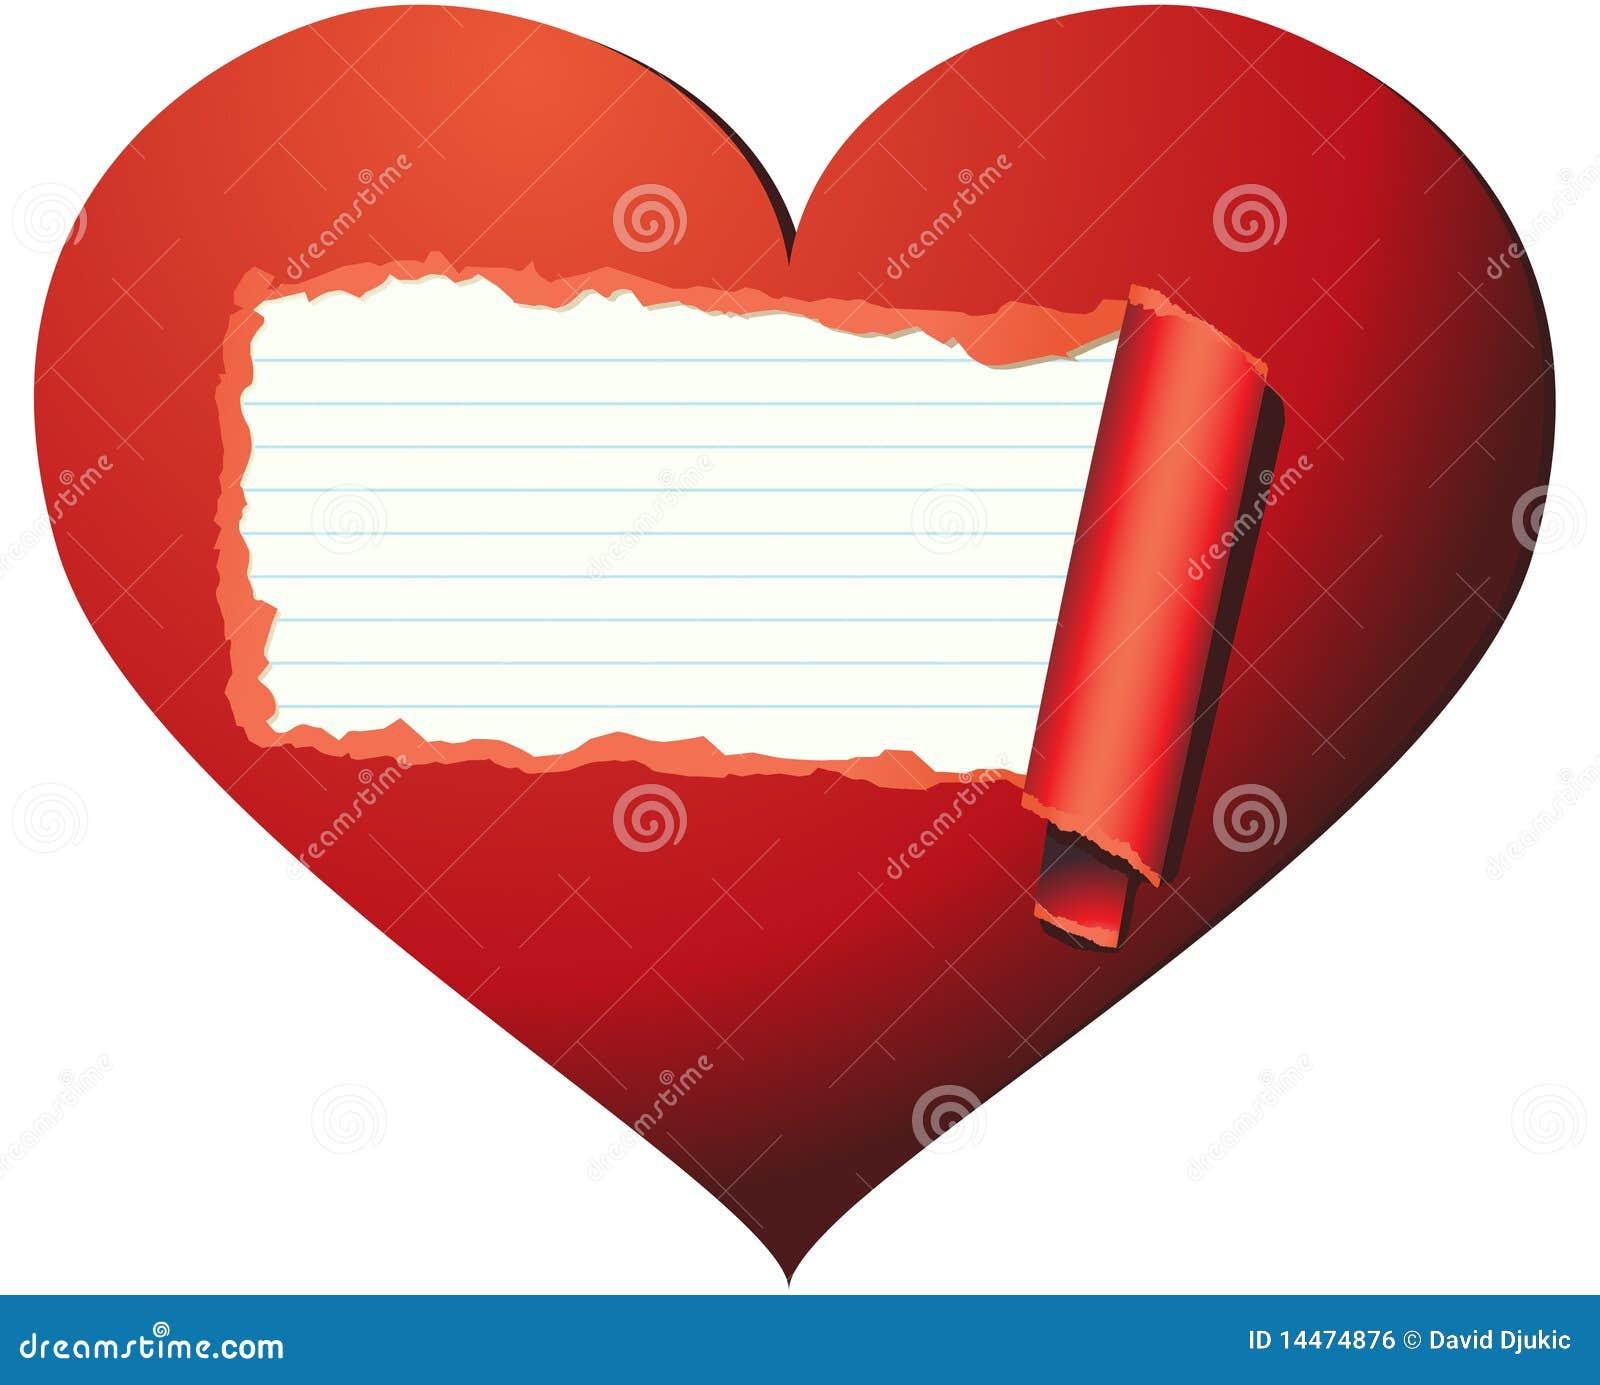 Mire Dentro De Un Corazón Cariñoso Ilustración Del Vector